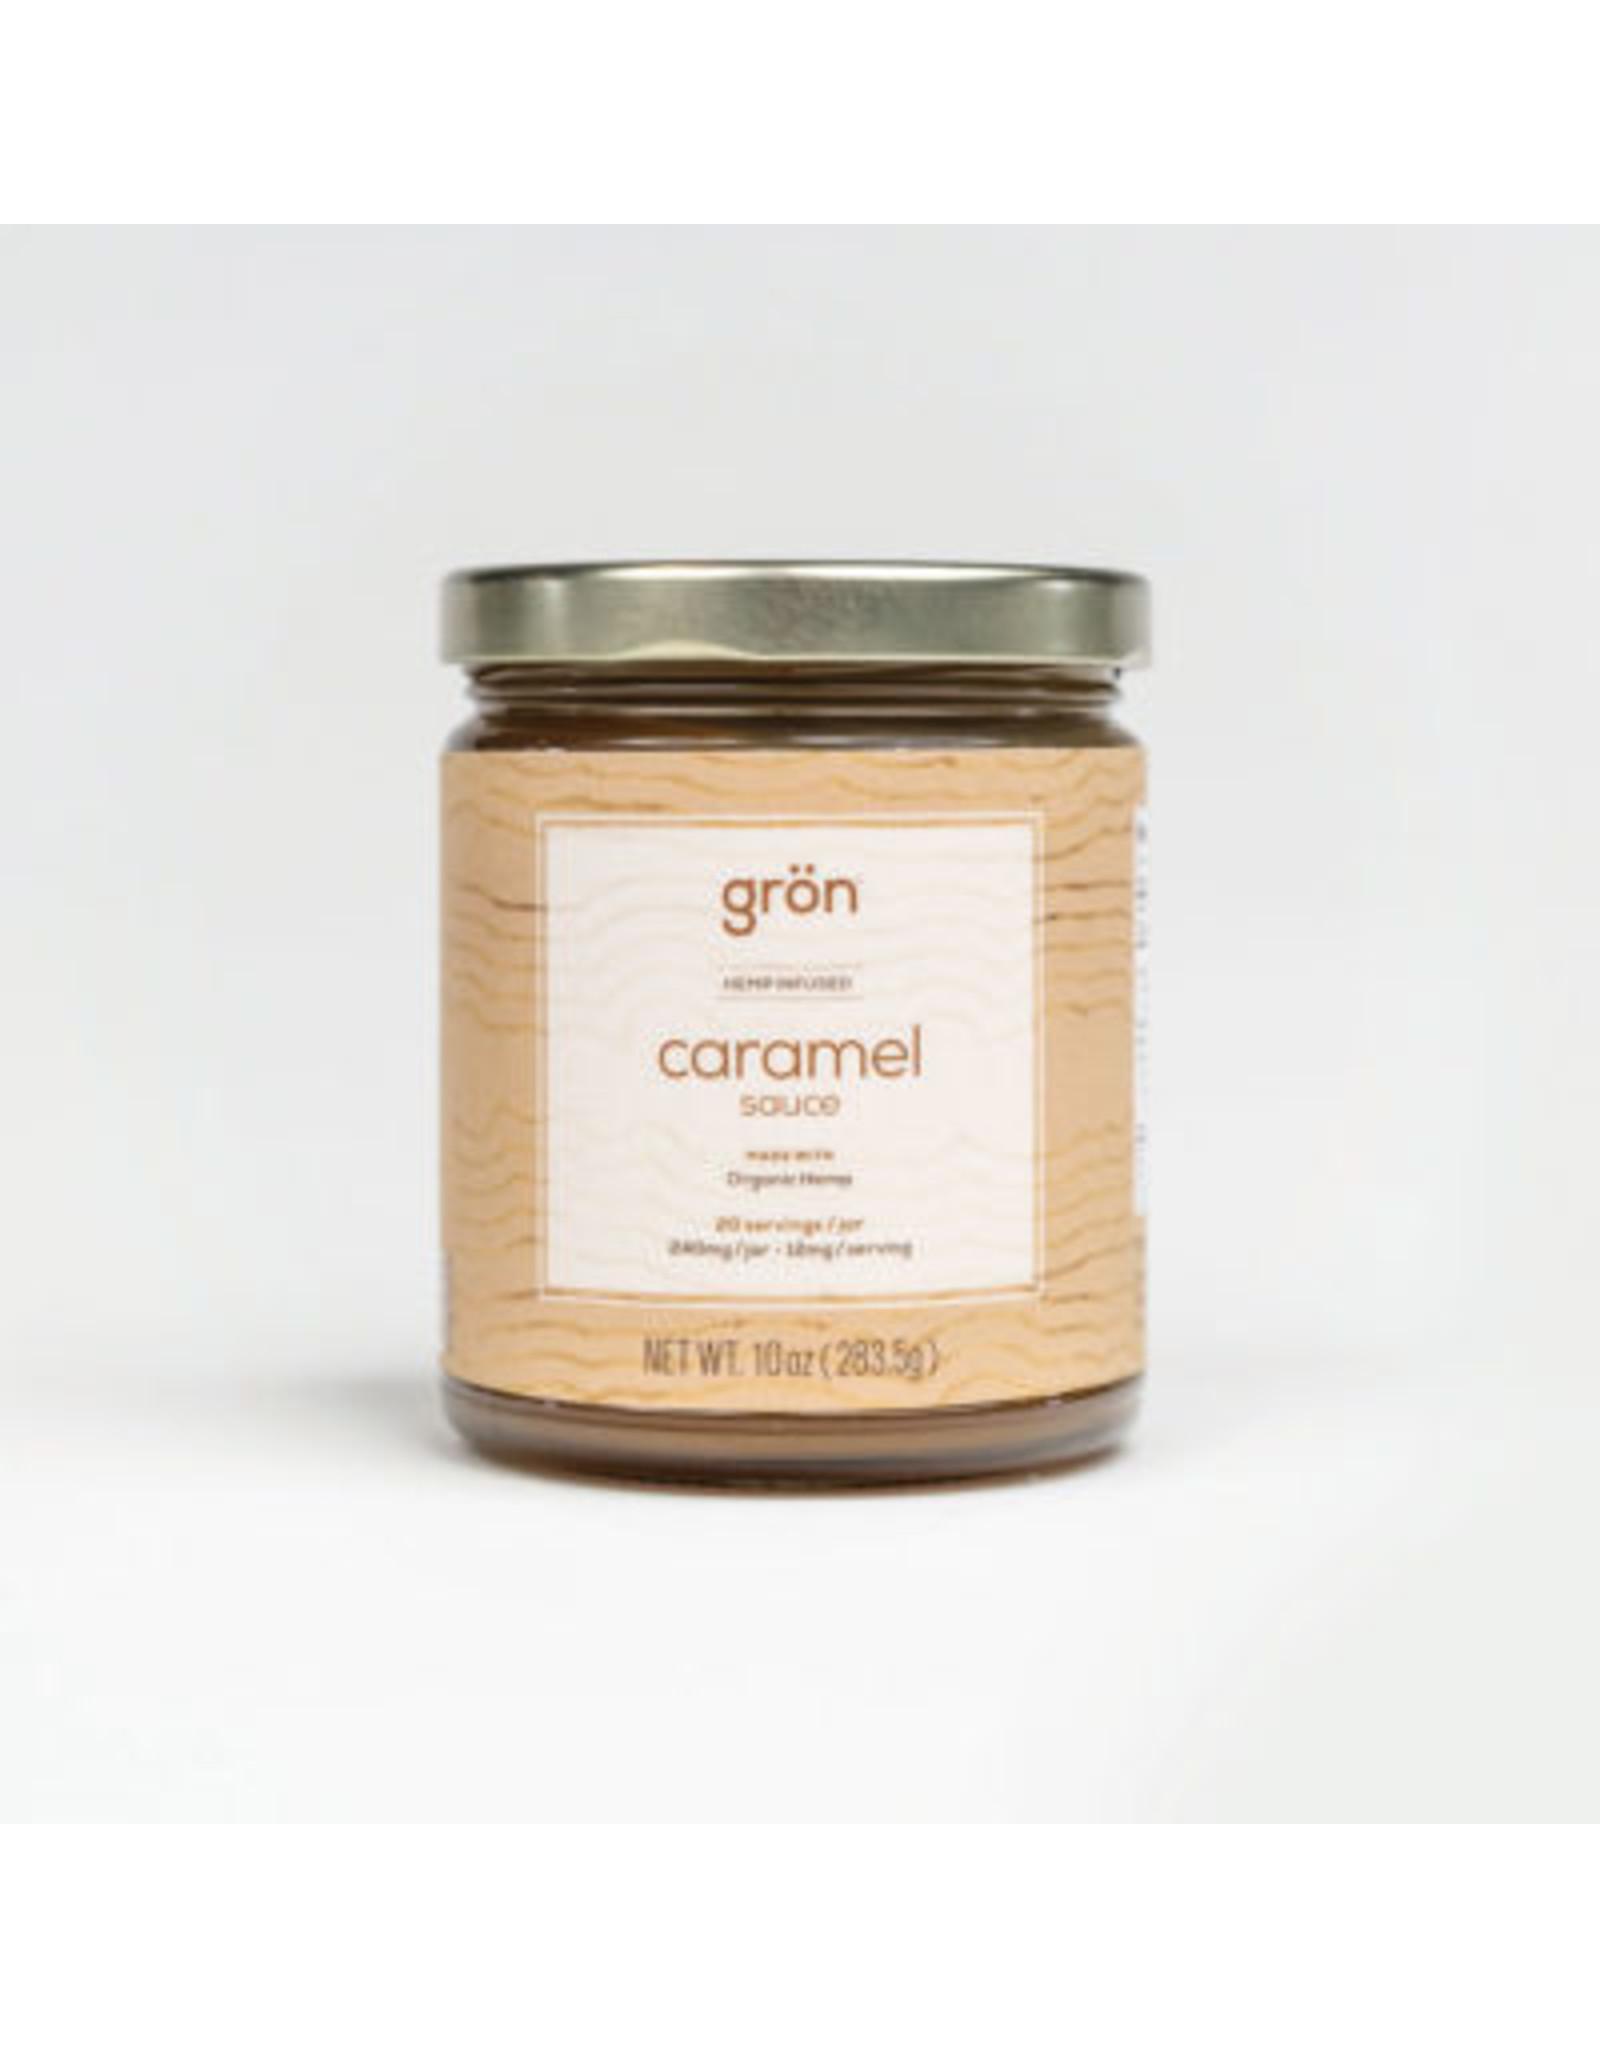 gron caramel sauce